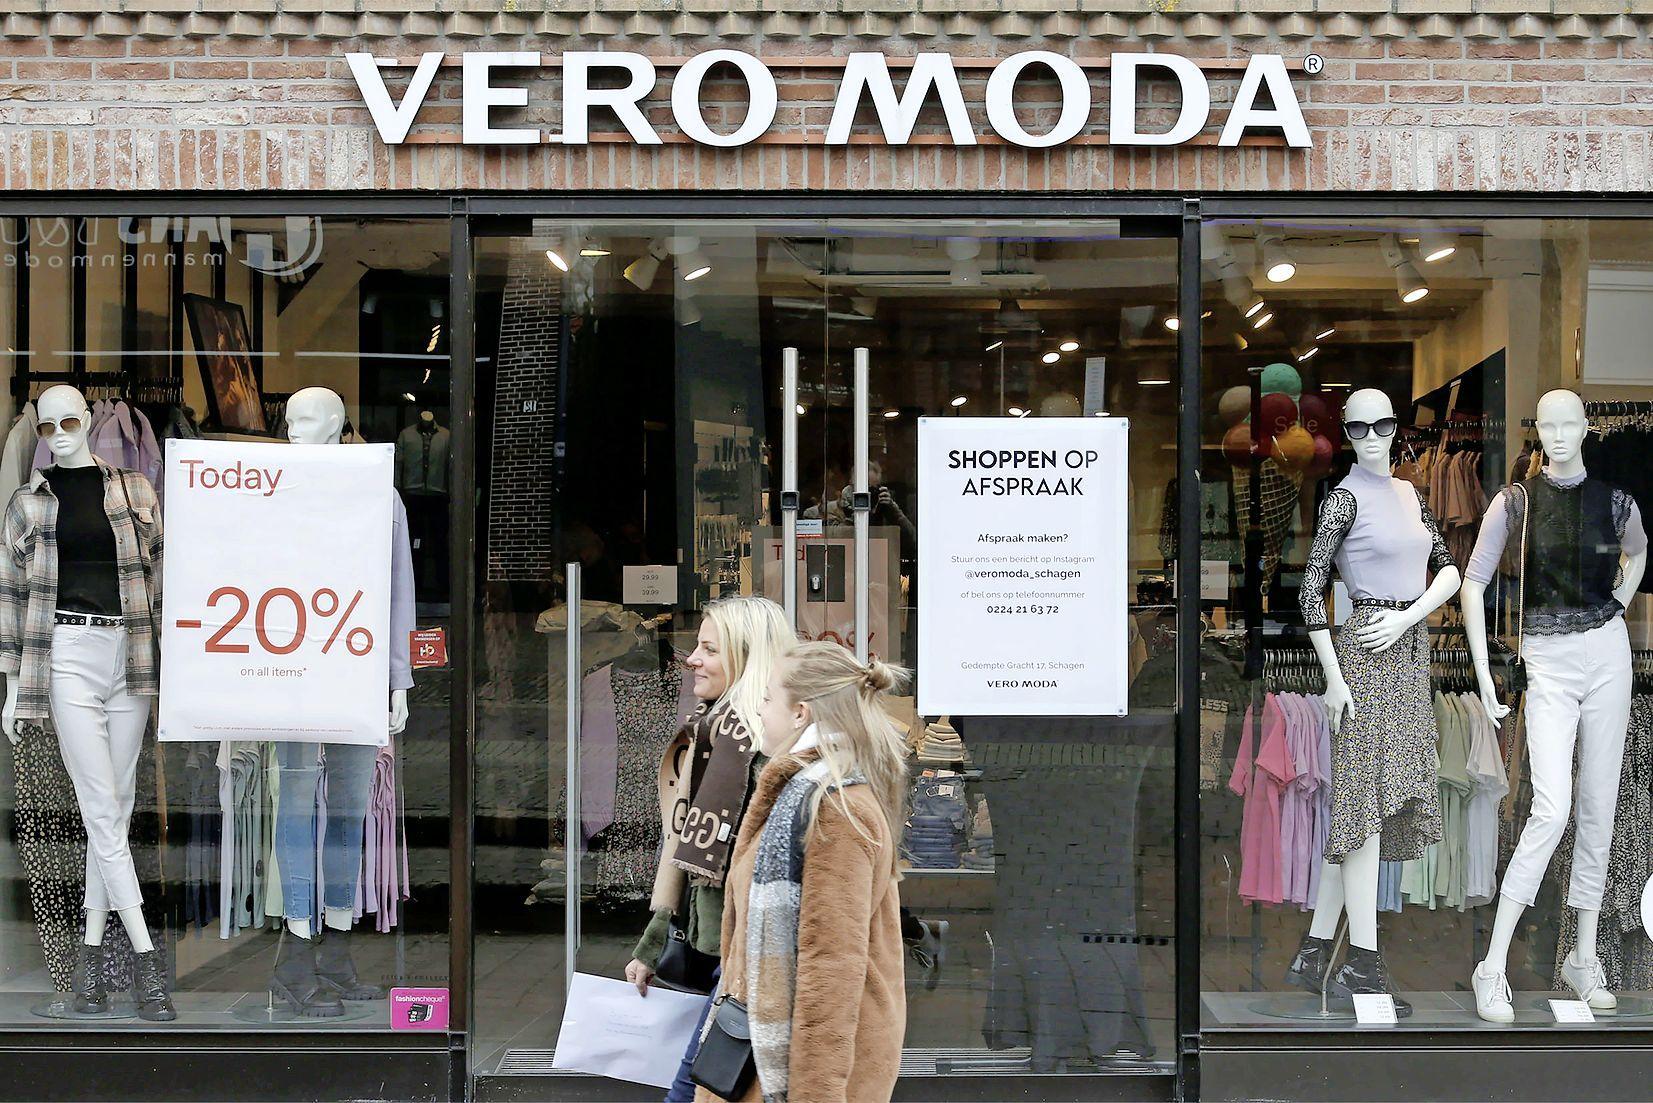 Snel shoppen zonder afspraak, het gebeurt overal. Krijgen winkeliers daadwerkelijk een dikke boete als ze coronaregels overtreden?